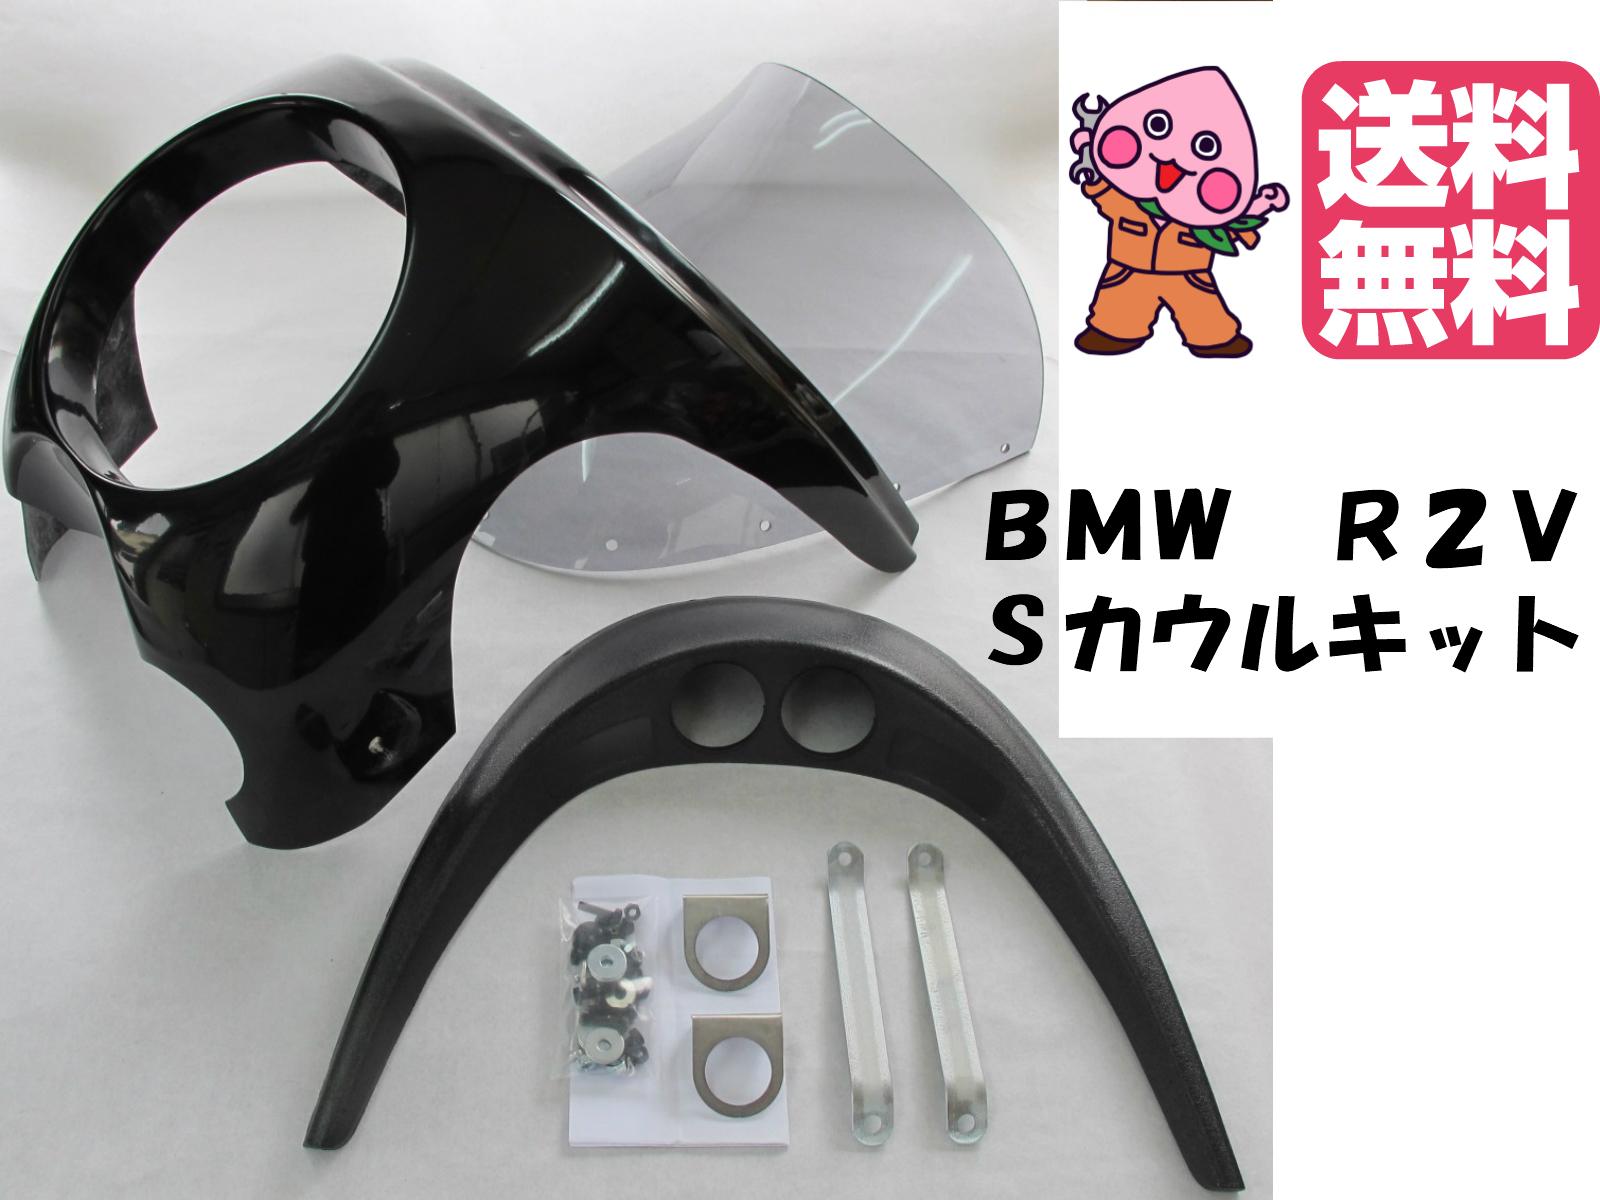 BMWパーツ 本州送料無料 ビキニカウル Sカウル ライトグレー ロング R100 R90 R80 R75 R65 K100 R100S R90S ヘッドライトカウル ロケットカウル フェアリング モノサス ツインサス